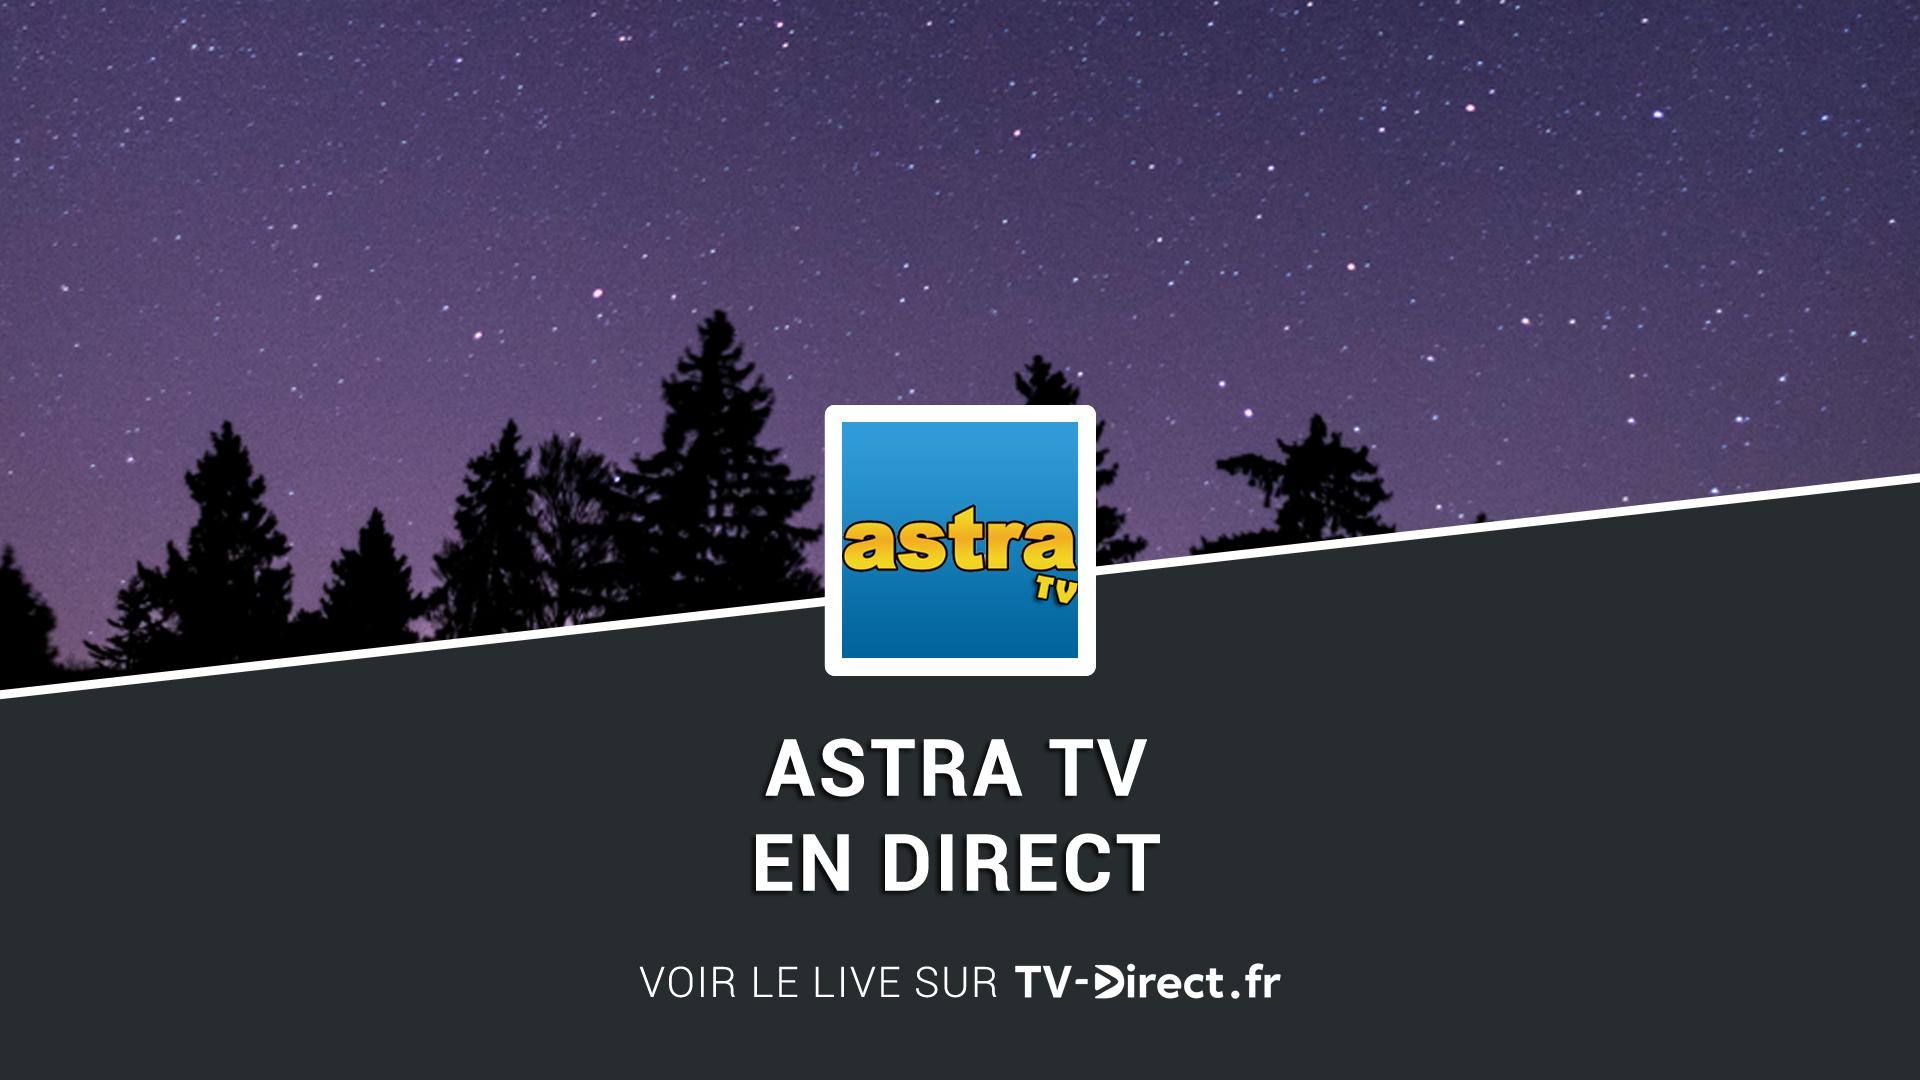 astra tv direct regarder astra tv live sur internet. Black Bedroom Furniture Sets. Home Design Ideas